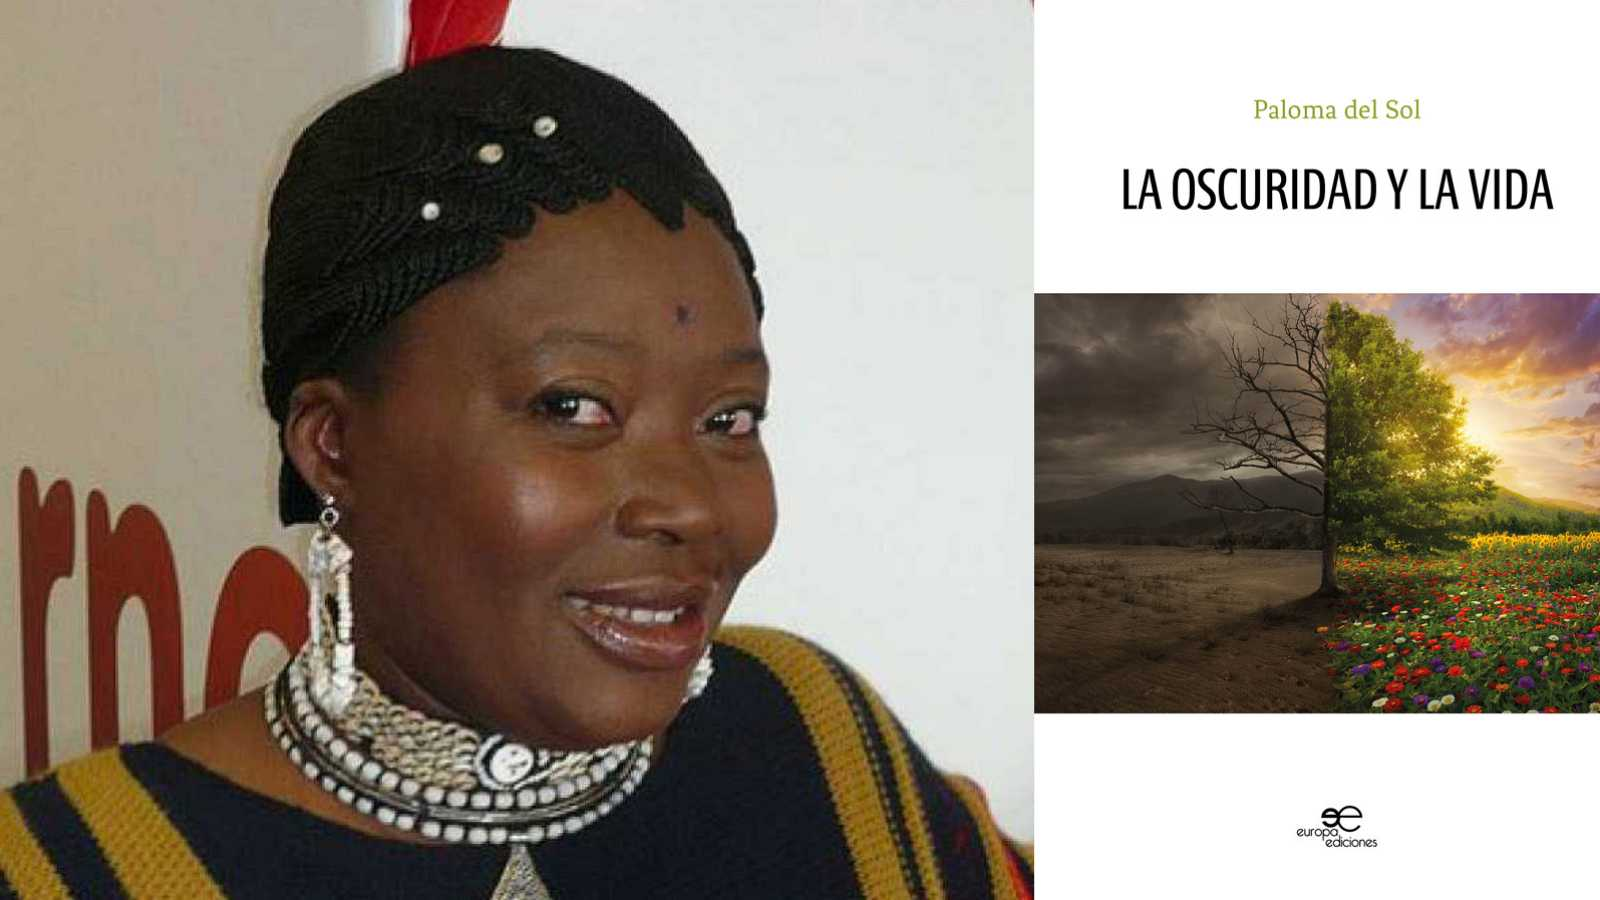 África hoy - 'La oscuridad y la vida', nuevo libro de la guineana Paloma del Sol - 08/02/21 - escuchar ahora